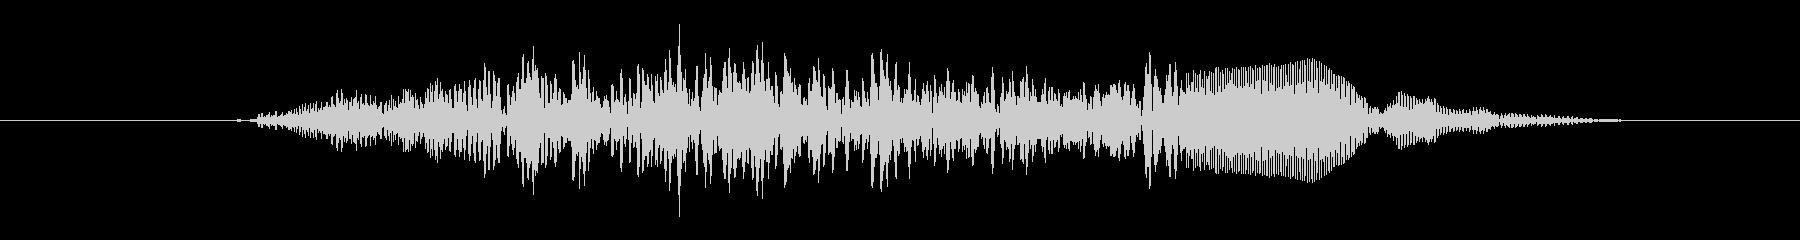 鳴き声 スクリームヒステリックオス01の未再生の波形